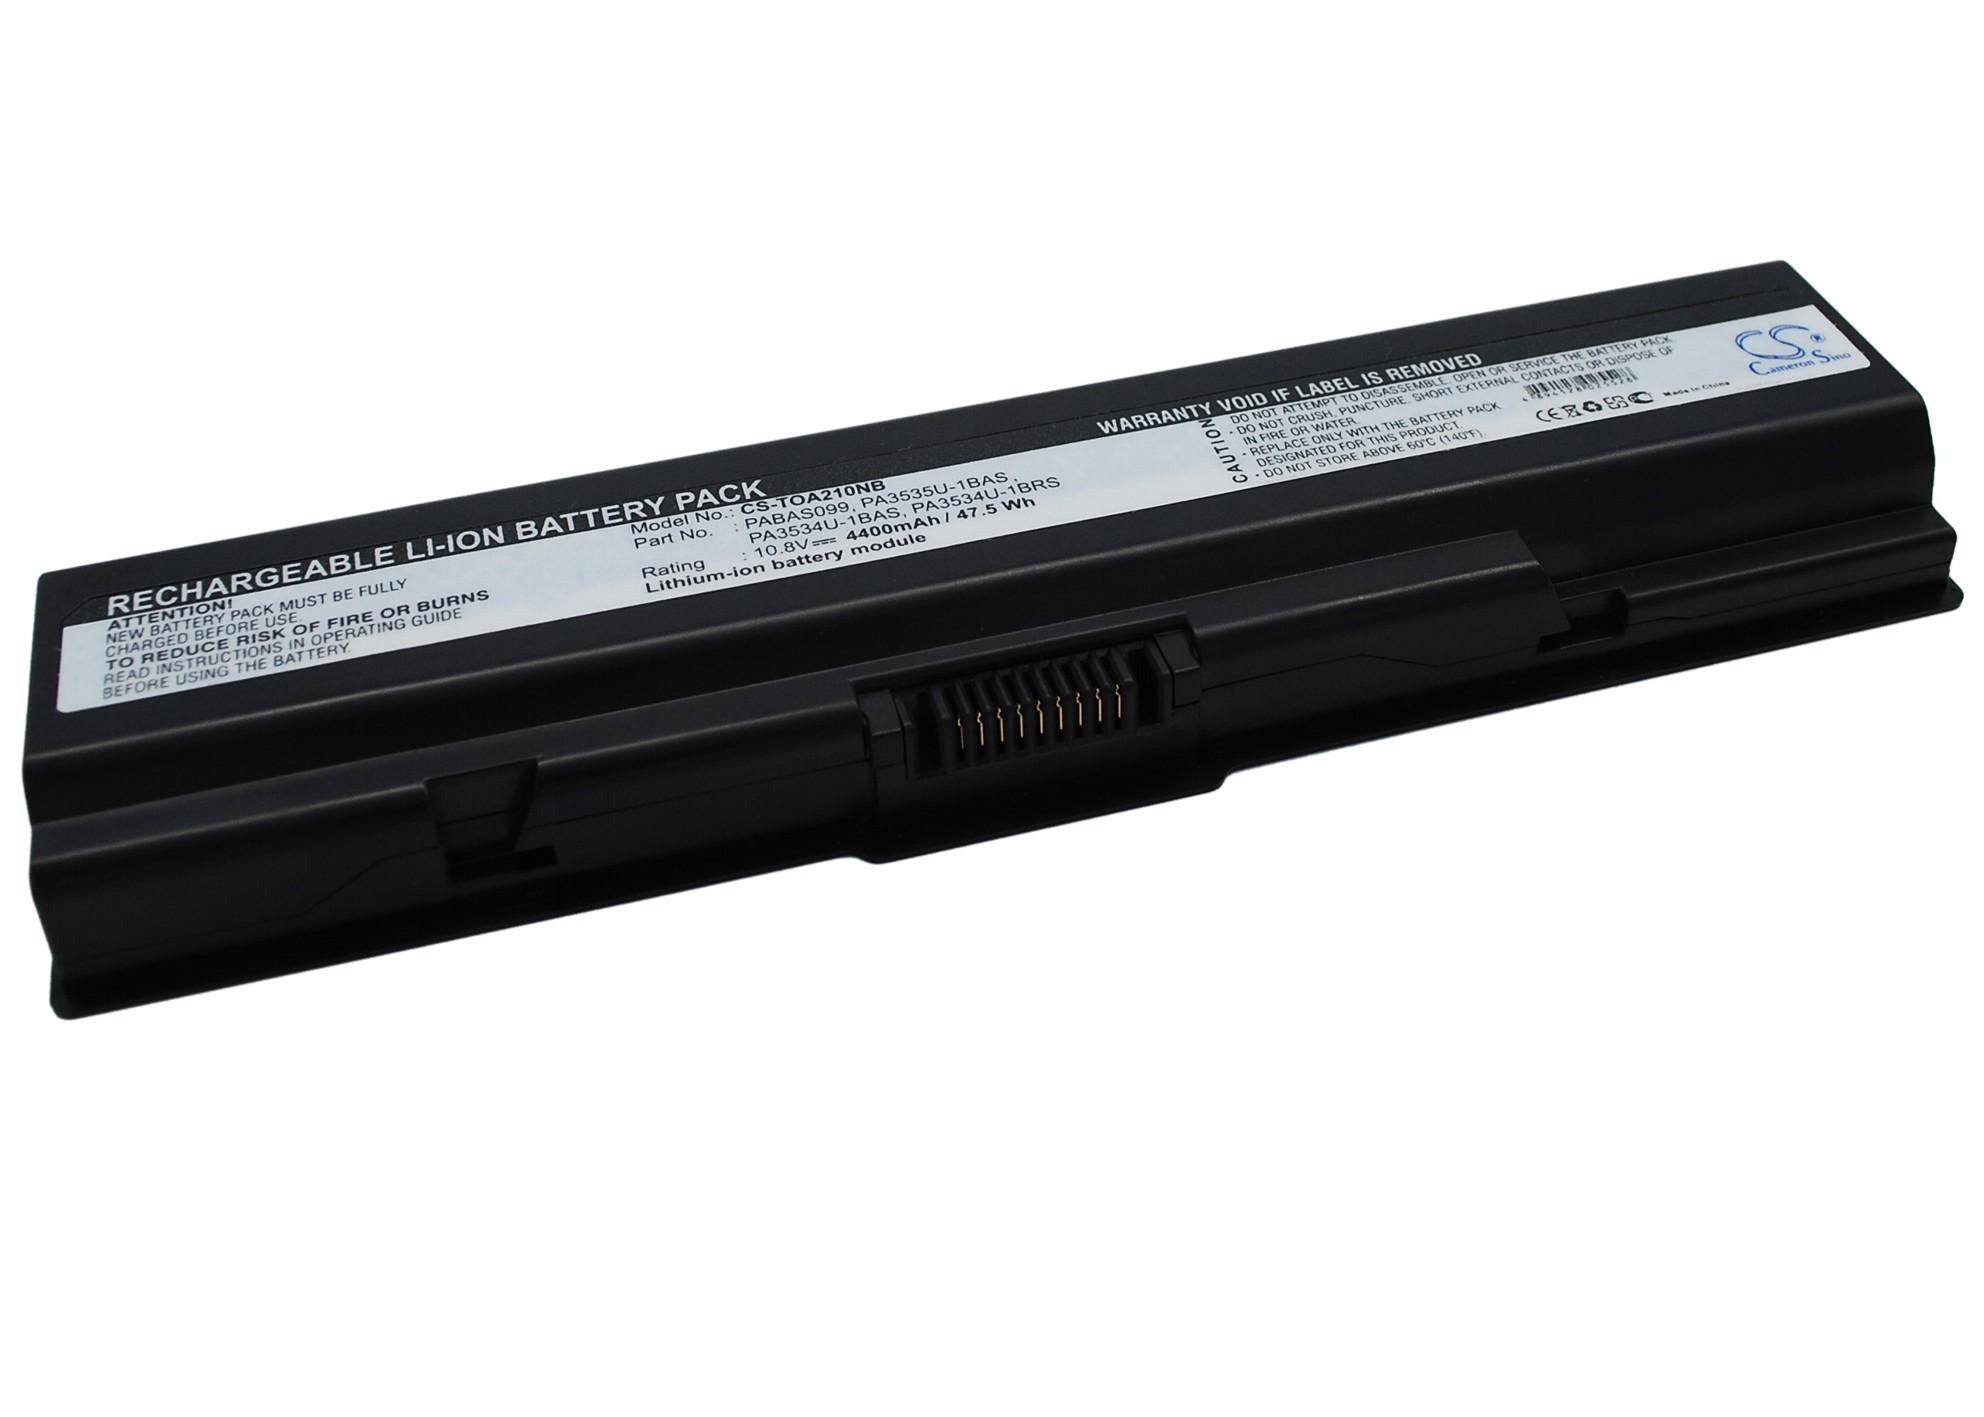 Cameron Sino baterie do notebooků pro TOSHIBA Satellite L505-ES5012 10.8V Li-ion 4400mAh černá - neoriginální